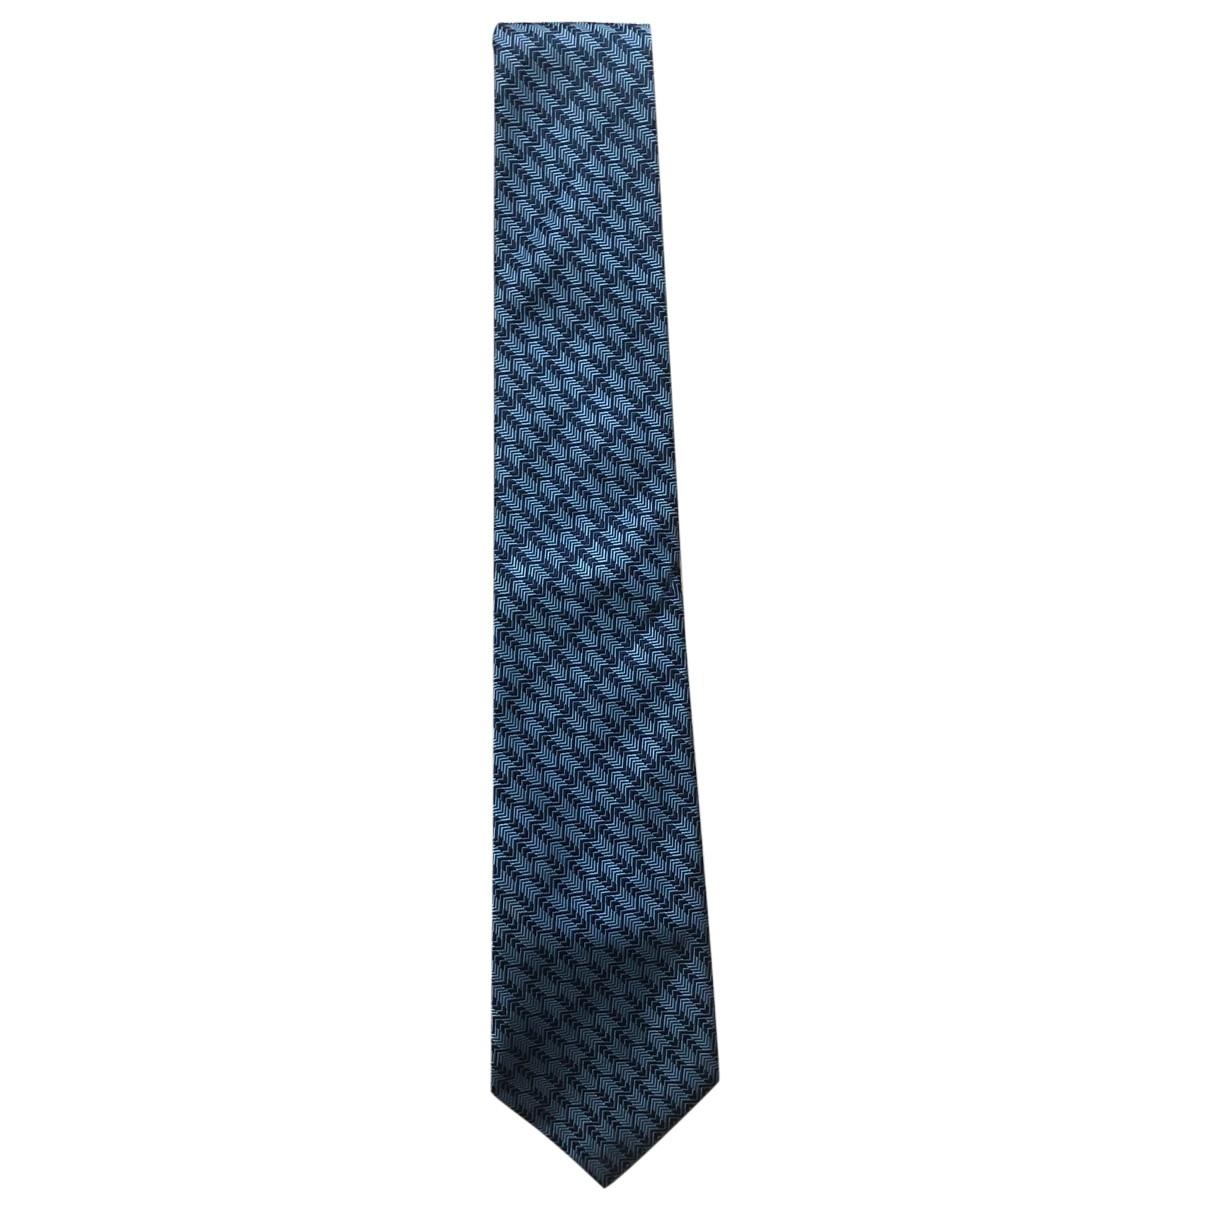 Turnbull & Asser \N Blue Silk Ties for Men \N